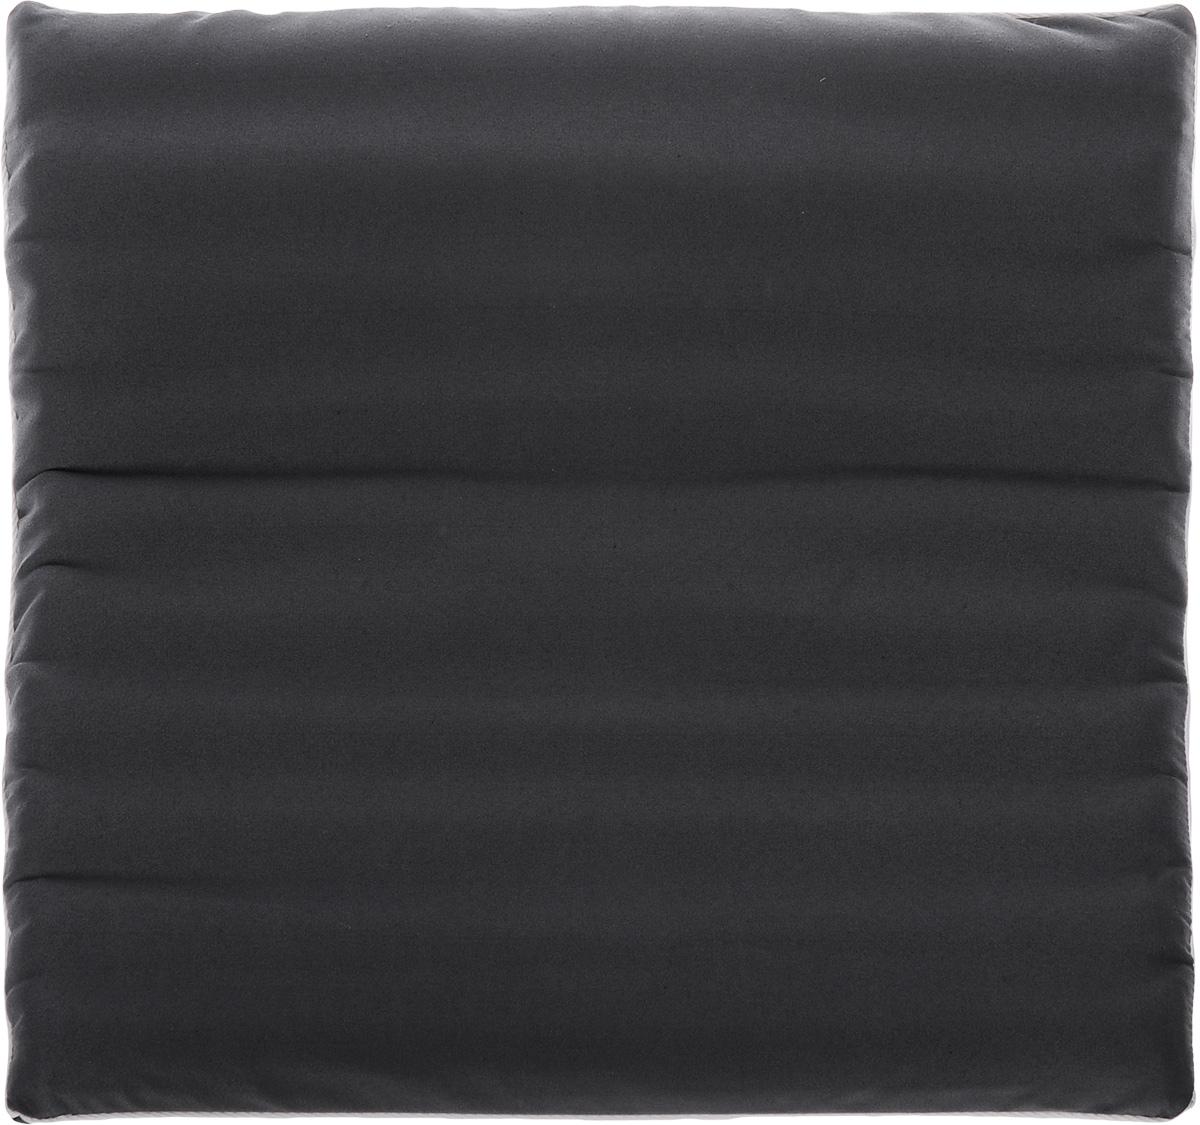 Подушка на сиденье Smart Textile Гемо-комфорт офис, с чехлом, наполнитель: лузга гречихи, 50 х 50 смCLP446Подушка на сиденье Smart Textile Гемо-комфорт офис создана для тех, кто весь свой рабочий день вынужден проводить в офисном кресле. Наполнителем служат лепестки лузги гречихи, которые обеспечивают микромассаж кожи и поверхностных мышц, а также обеспечивают удобную посадку и снимают напряжение.Особенности подушки:- Хорошо проветривается.- Предупреждает потение.- Поддерживает комфортную температуру.- Обминается по форме тела.- Улучшает кровообращение.- Исключает затечные явления.- Предупреждает развитие заболеваний, связанных с сидячим образом жизни. Конструкция подушки, составленная из ряда валиков, обеспечивает еще больший массажный эффект, а плотная износостойкая ткань хорошо удерживает наполнитель, сохраняет форму подушки и продлевает срок службы изделия.Подушка также будет полезна и дома - при работе за компьютером, школьникам - при выполнении домашних работ, да и в любимом кресле перед телевизором.В комплект прилагается сменный чехол, выполненный из смесовой ткани, за счет чего уход за подушкой становится удобнее и проще.